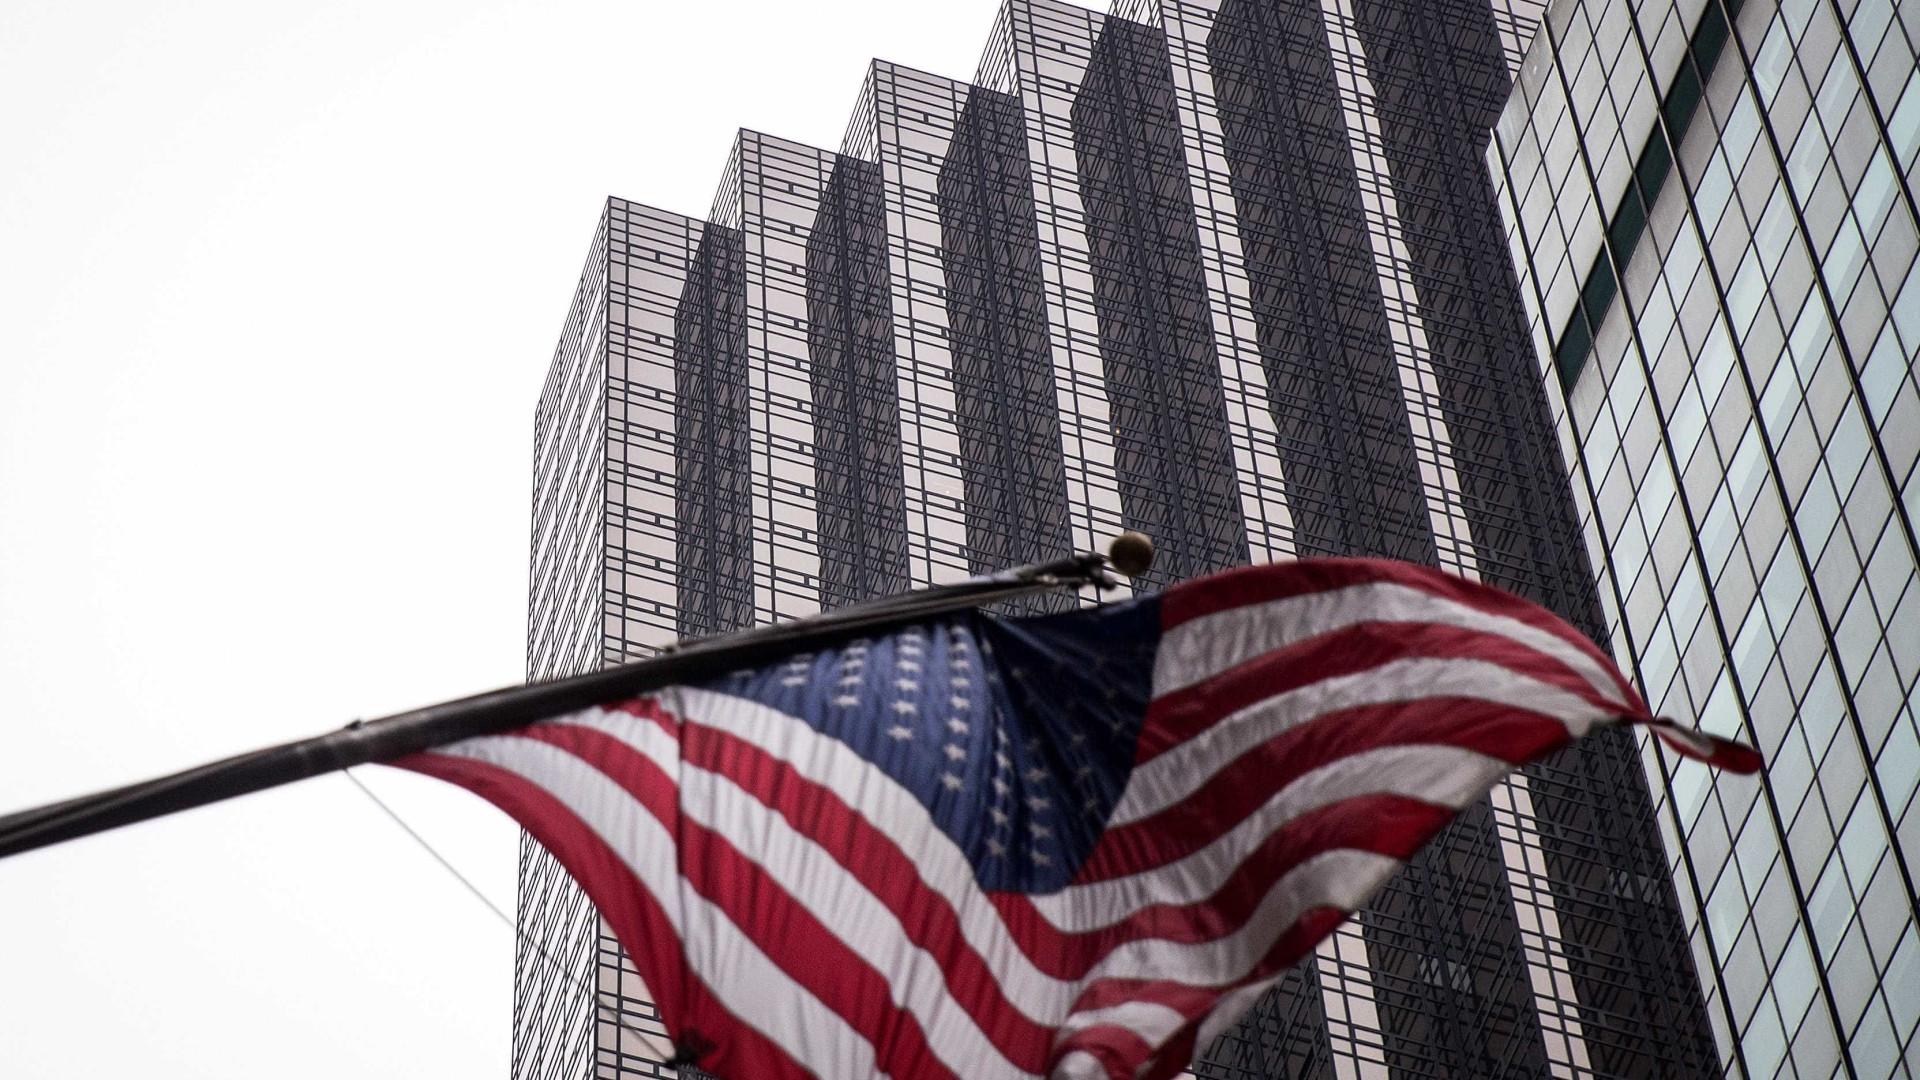 Um terço da população dos EUA diz ter dificuldades financeiras